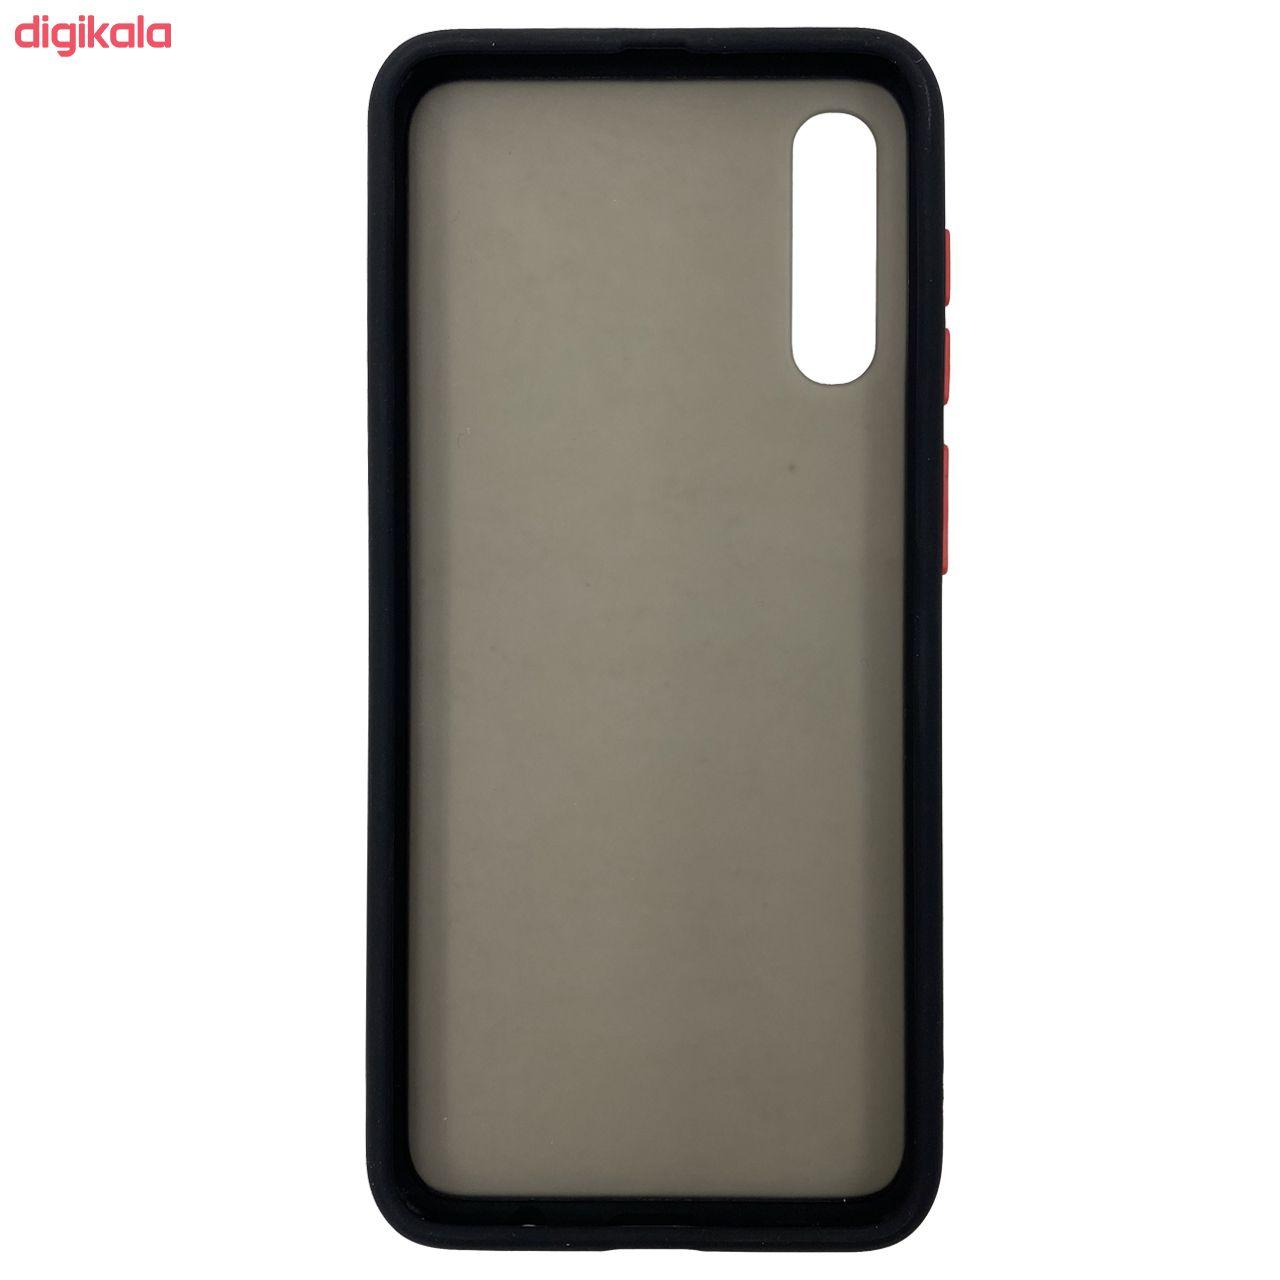 کاور مدل MTT مناسب برای گوشی موبایل سامسونگ Galaxy A50 / A50s / A30s main 1 1